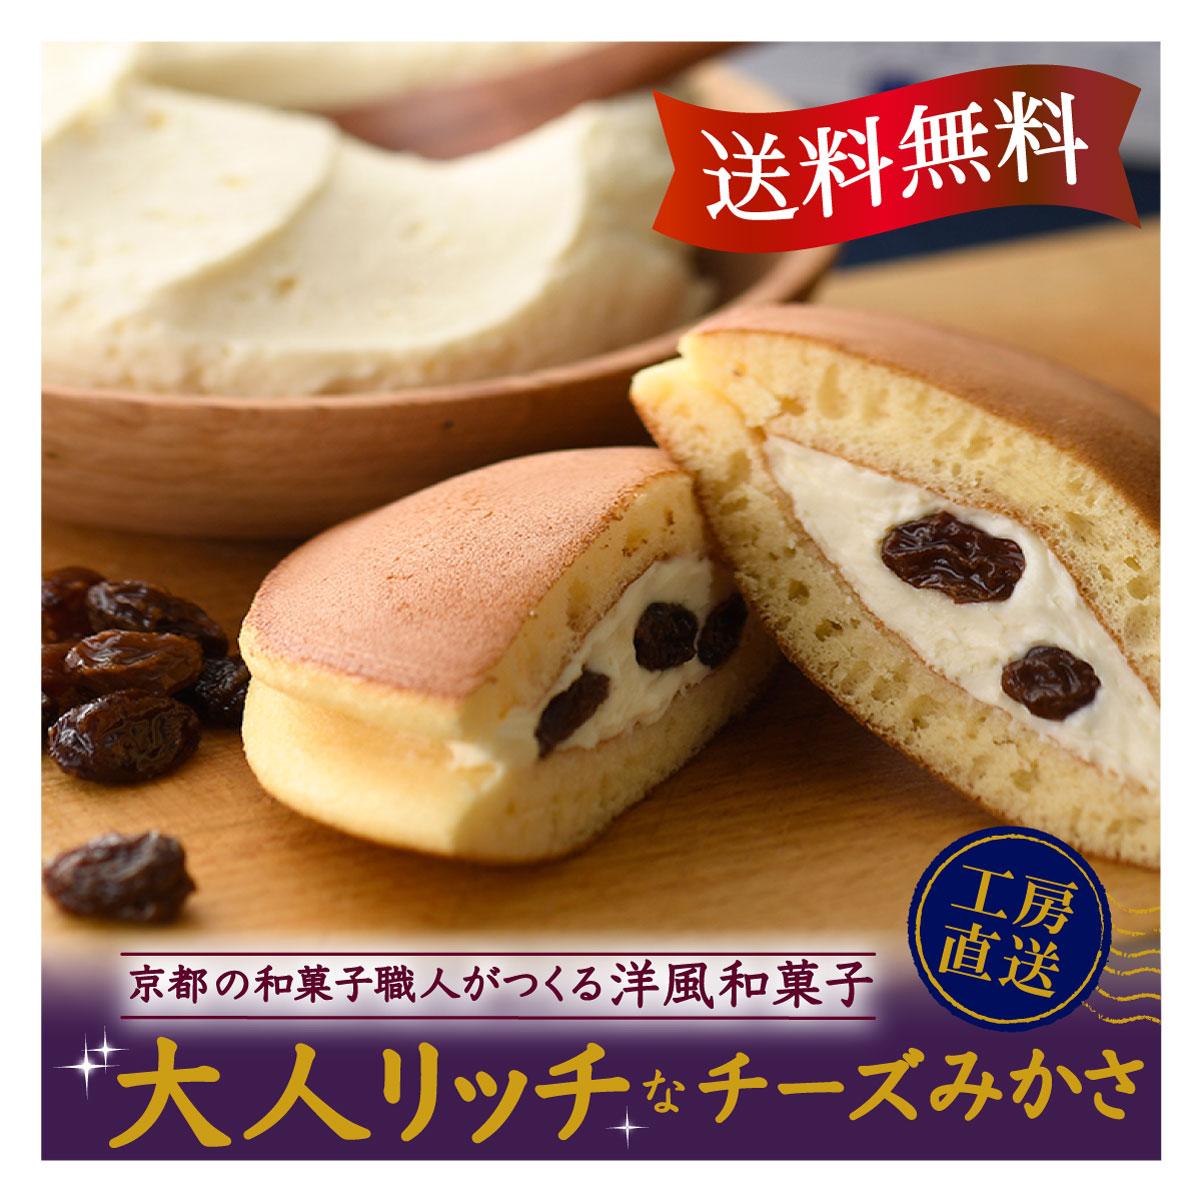 京都の和菓子職人が作る 大人リッチな 高級生どら焼き クリームチーズみかさ【くりーむ小町 チーズ5個入】